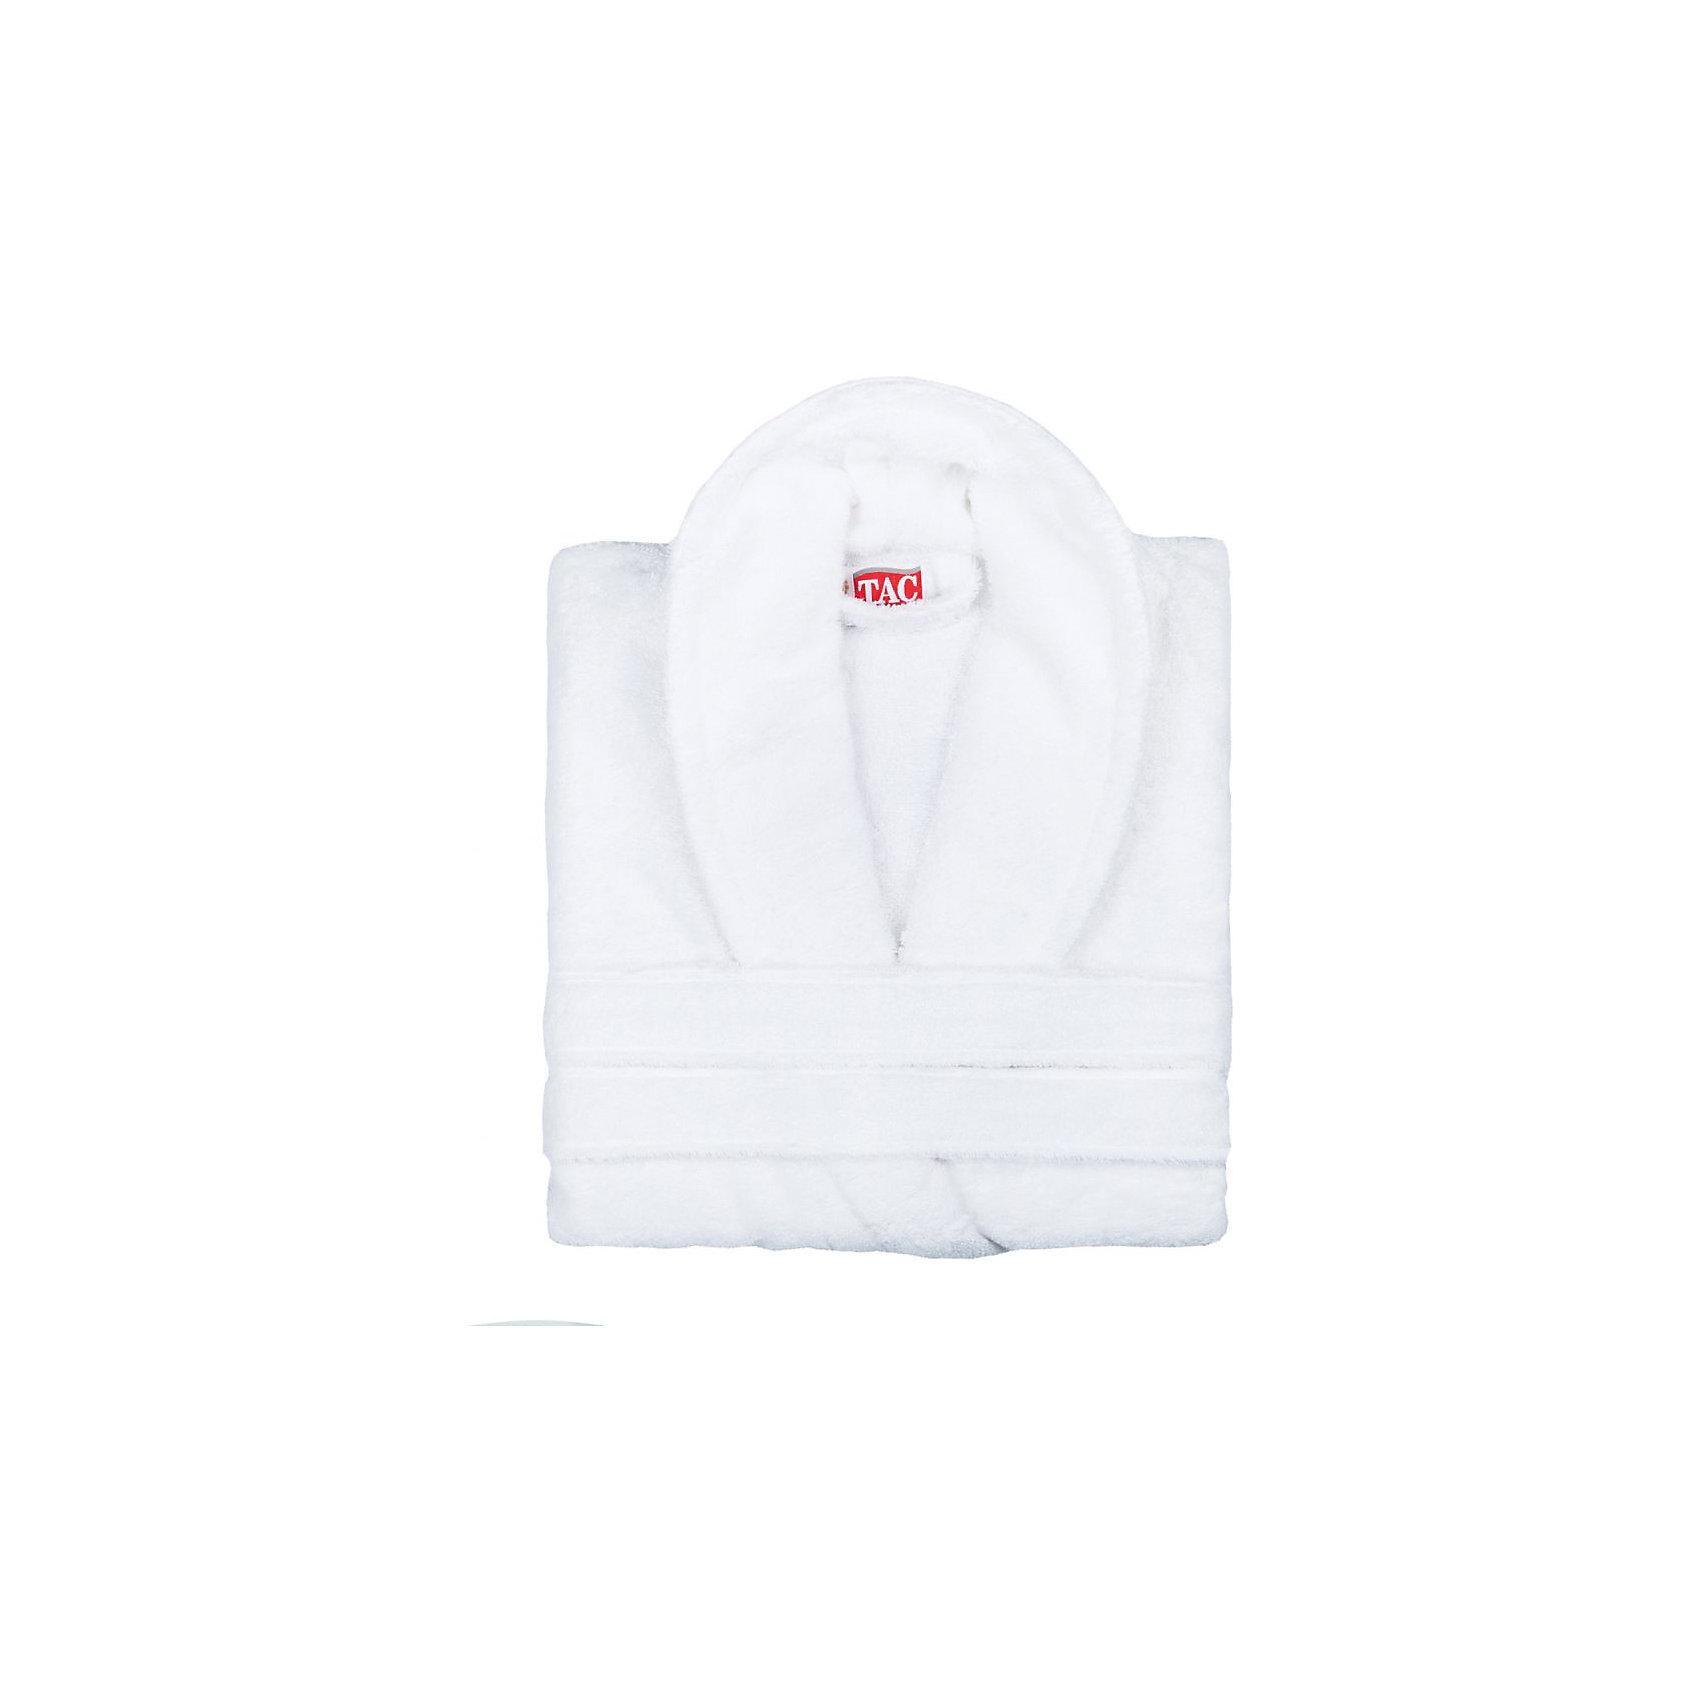 Халат махровый Maison Bambu, S/M, TAC, белый (beyaz)Ванная комната<br>Характеристики:<br><br>• Вид домашнего текстиля: махровый халат<br>• Размер международный/российский: S/M (42, 44, 46)<br>• Пол: унисекс<br>• Рисунок: без рисунка<br>• Материал: хлопок, 50% хлопок; бамбук, 50%<br>• Цвет: белый<br>• Плотность полотна: 320 гр/м2 <br>• Силуэт: прямой<br>• Рукав: длинный<br>• Воротник: отложной<br>• Застежка: пояс<br>• Вес в упаковке: 1 кг 030 г<br>• Размеры упаковки (Д*Ш*В): 39*10*29 см<br>• Особенности ухода: машинная стирка <br><br>Халат махровый Maison Bambu, S/M, TAC, белый (beyaz) от наиболее популярного бренда на отечественном рынке среди производителей комплектов постельного белья и текстильных принадлежностей, выпуском которого занимается производственная компания, являющаяся частью мирового холдинга Zorlu Holding Textiles Group. Халат выполнен из сочетания натурального хлопка и бамбукового волокна, что обеспечивает гипоаллергенность, высокую износоустойчивость, повышенные гигкоскопические и антибактериальные свойства изделия. Благодаря высокой степени плотности махры, халат отлично впитывает влагу, но при этом остается мягким. <br><br>Ворс окрашен стойкими нетоксичными красителями, который не оставляет запаха и обеспечивает ровный окрас. Изделие сохраняет свой цвет и форму даже при частых стирках. Халат прямого кроя с длинными рукавами и отложным воротником идеально подходит для посещения бани или сауны, а в прохладные вечера обеспечит комфорт и уют своему владельцу. Выполнен в белом цвете без рисунка.<br><br>Халат махровый Maison Bambu, S/M, TAC, белый (beyaz) можно купить в нашем интернет-магазине.<br><br>Ширина мм: 290<br>Глубина мм: 90<br>Высота мм: 400<br>Вес г: 1300<br>Возраст от месяцев: 216<br>Возраст до месяцев: 1188<br>Пол: Унисекс<br>Возраст: Детский<br>SKU: 5476355